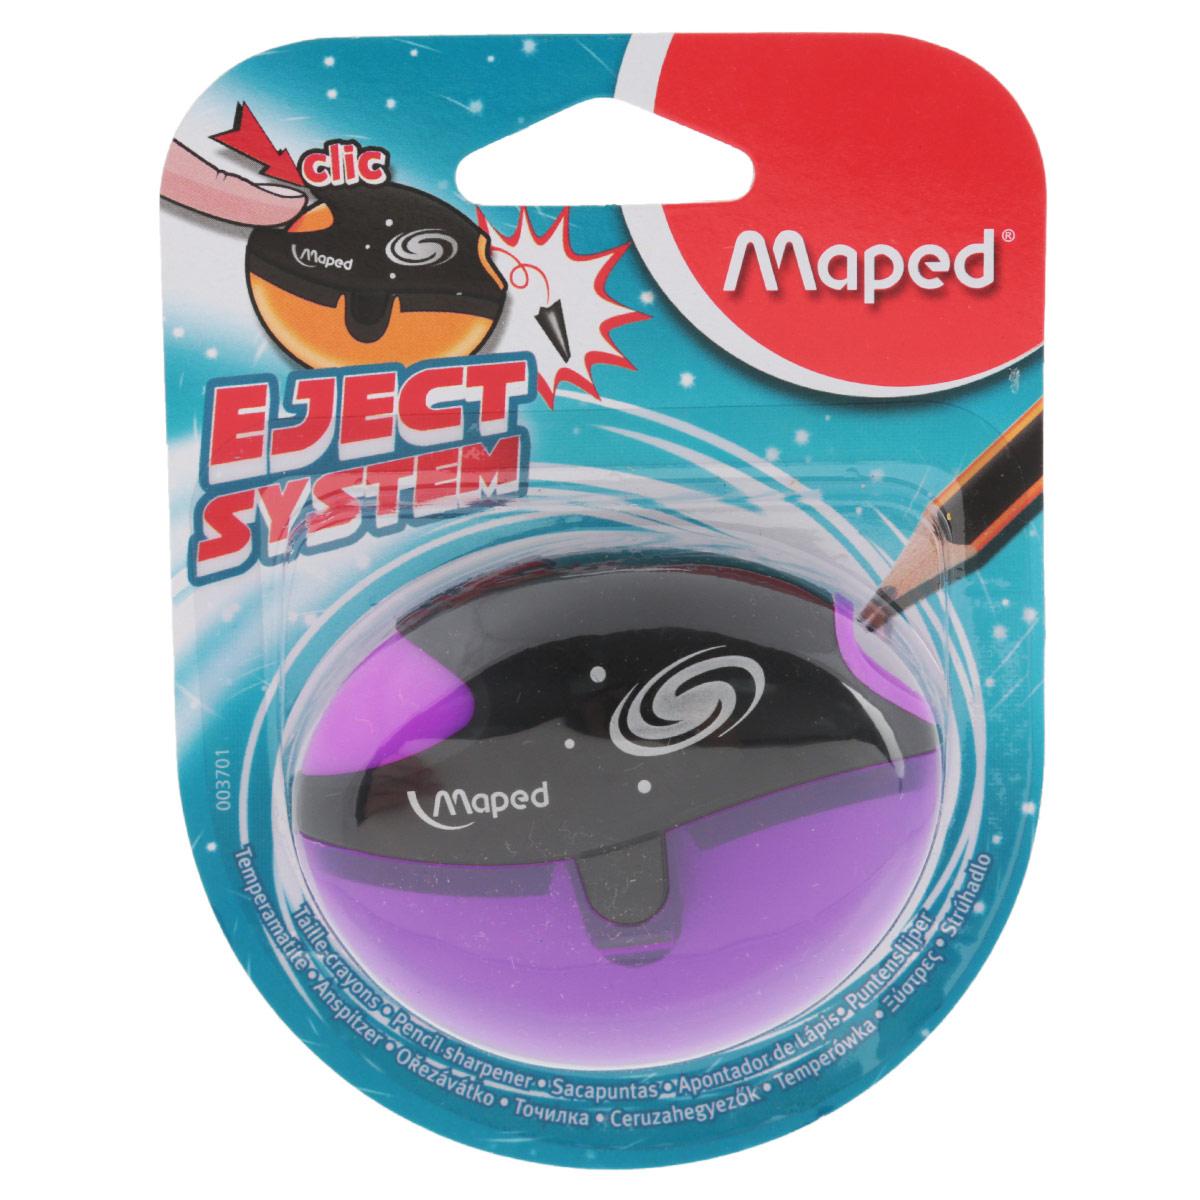 Точилка Maped Galactic, цвет: фиолетовый3701_фиолетовыйТочилка пластиковая Maped Galactic - это точилка изготовленная из пластика, с одним отверстием, контейнером и специальной защитой от сломанного грифеля. Полупрозрачный контейнер для сбора стружки повышенной вместимости позволяет визуально контролировать уровень заполнения и вовремя производить очистку. Это точилка, в которой не застревает грифель. Одно нажатие на кнопку освобождает точилку от сломанного грифеля. Предназначена для использования как в школе, так и в офисе.Рекомендовано детям старше трех лет.